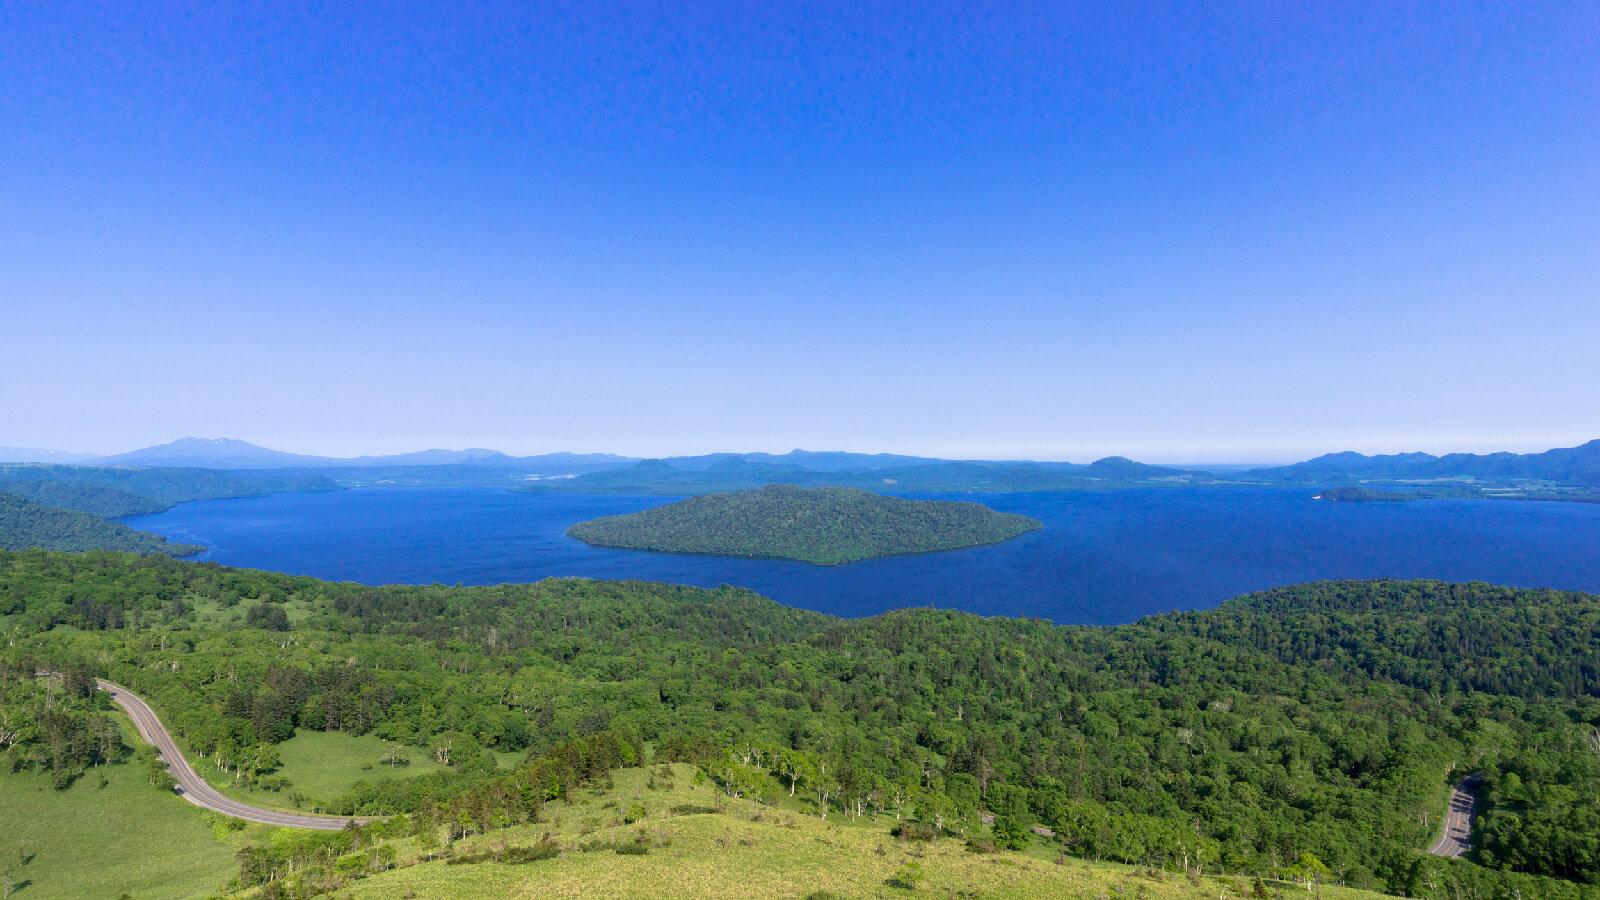 宛如天下絕景!從「美幌嶺」俯瞰屈斜路湖